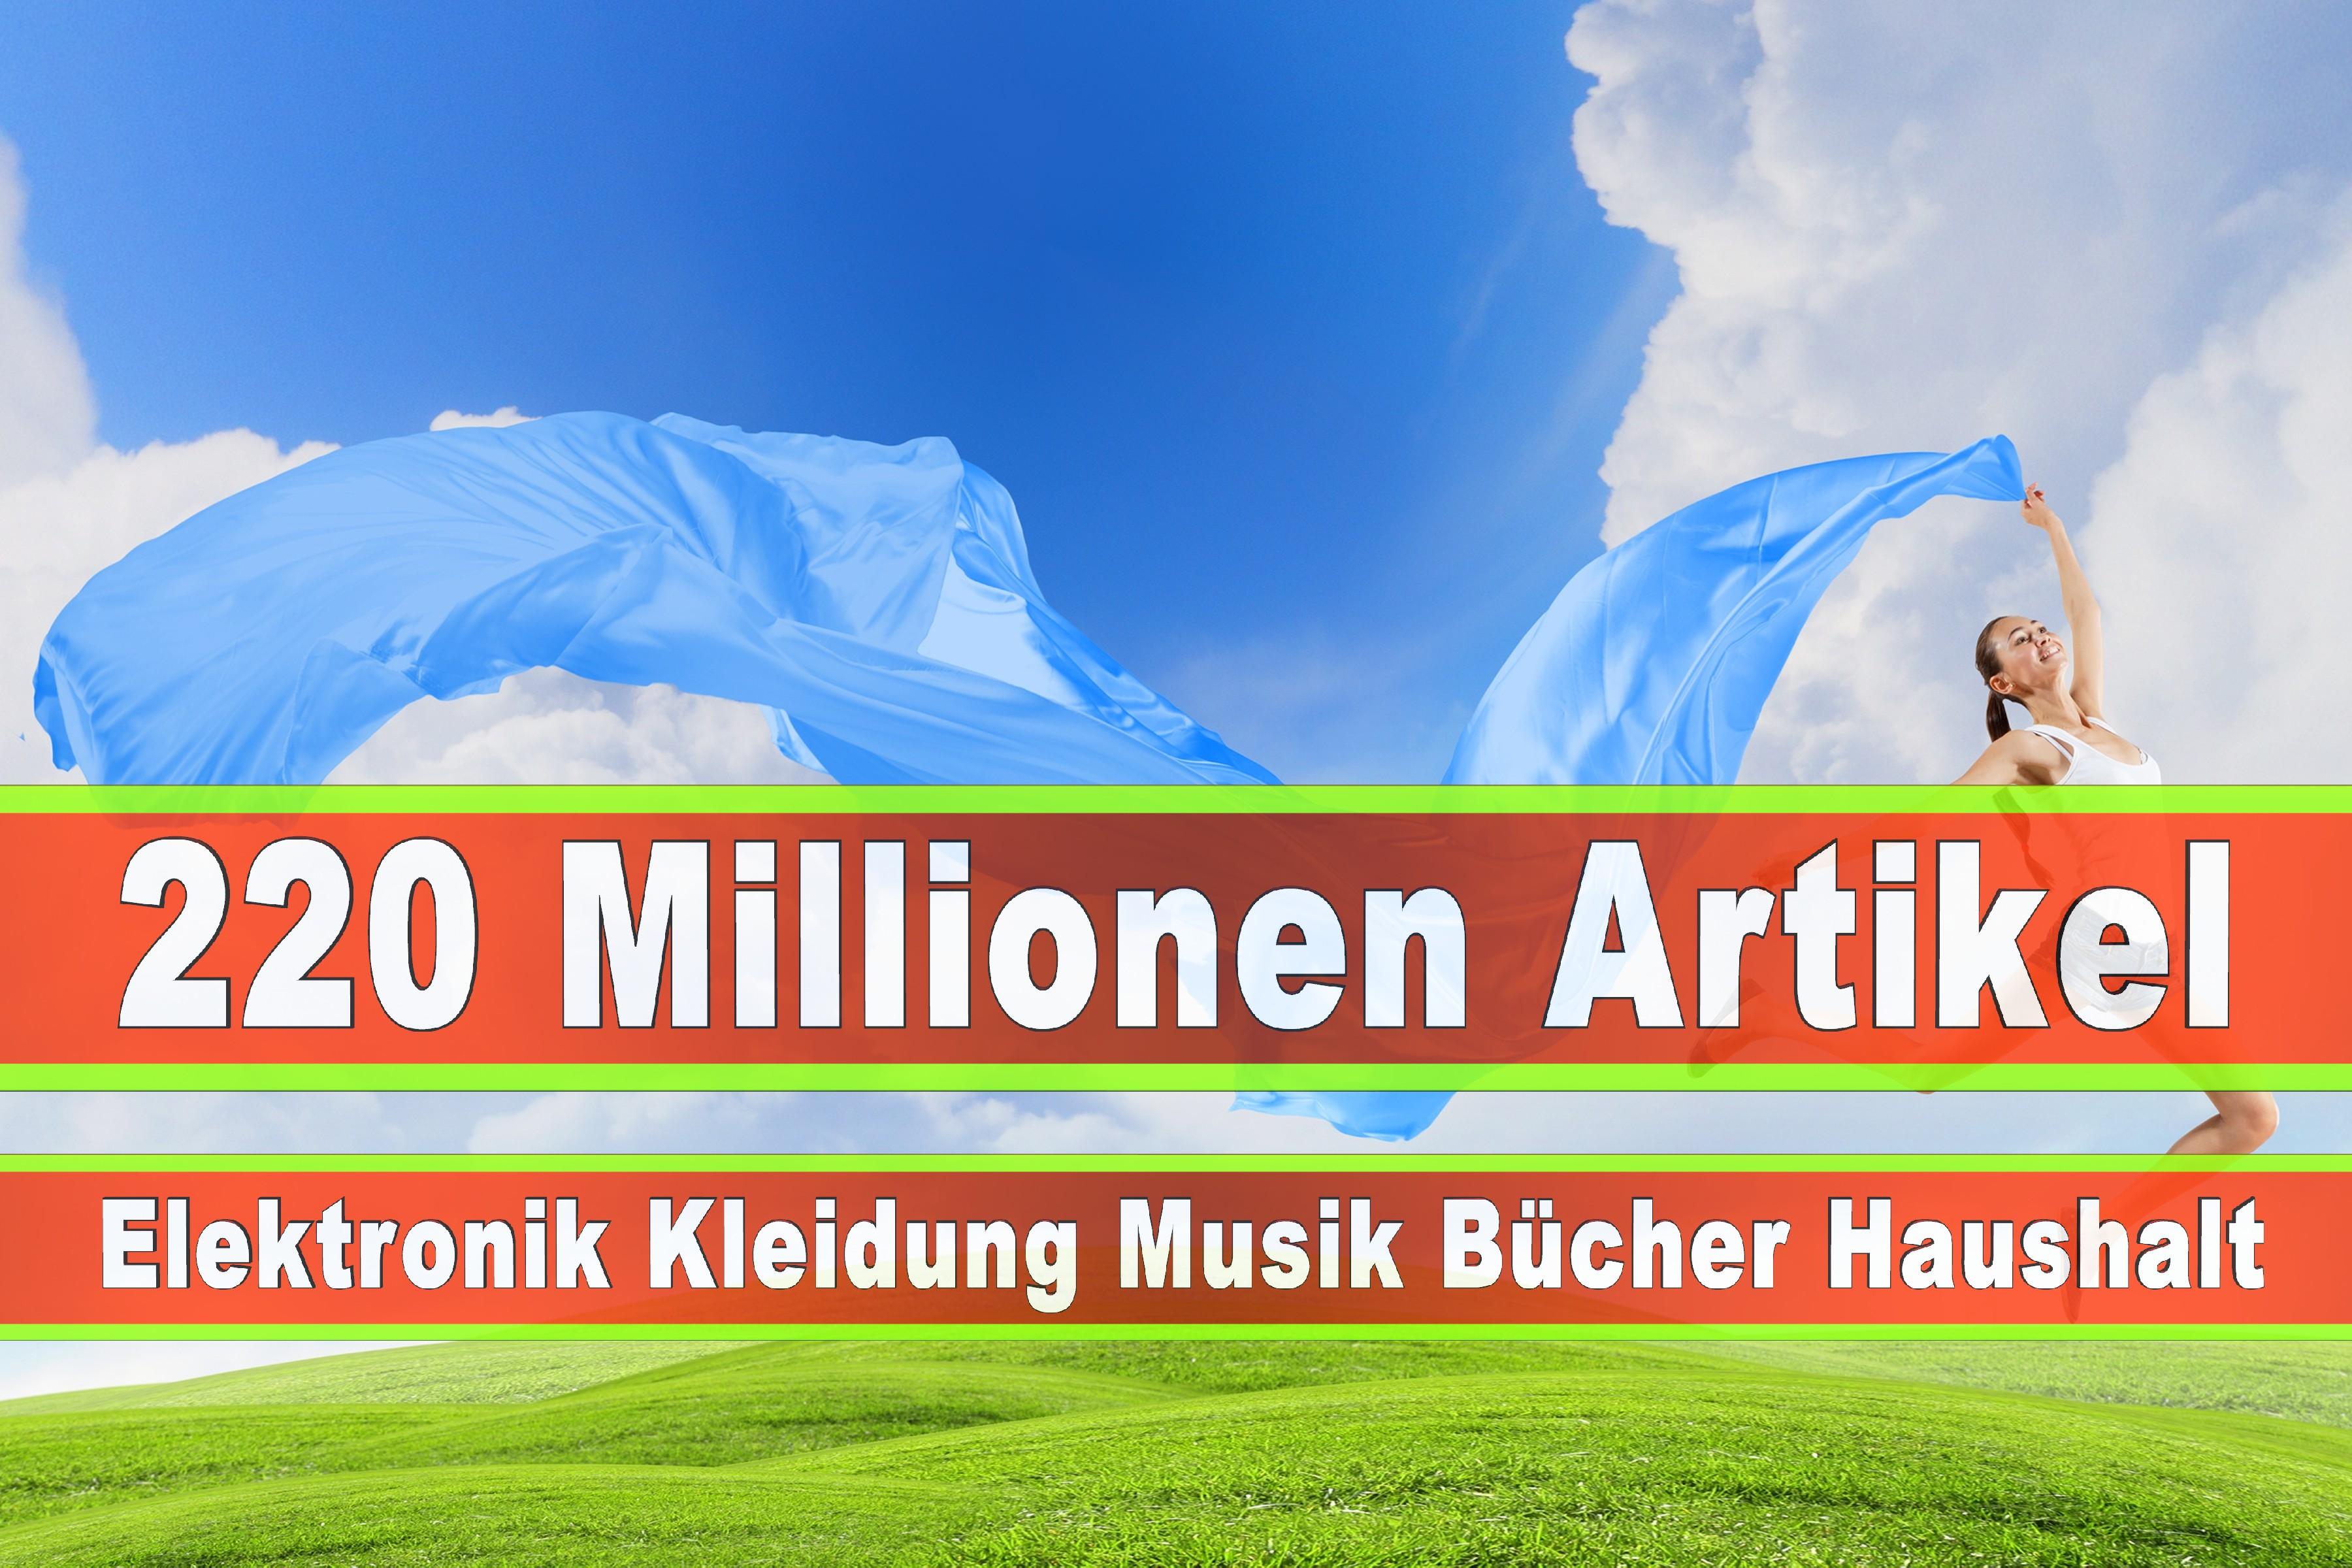 Amazon Elektronik Musik Haushalt Bücher CD DVD Handys Smartphones TV Television Fernseher Kleidung Mode Ebay Versandhaus (203)